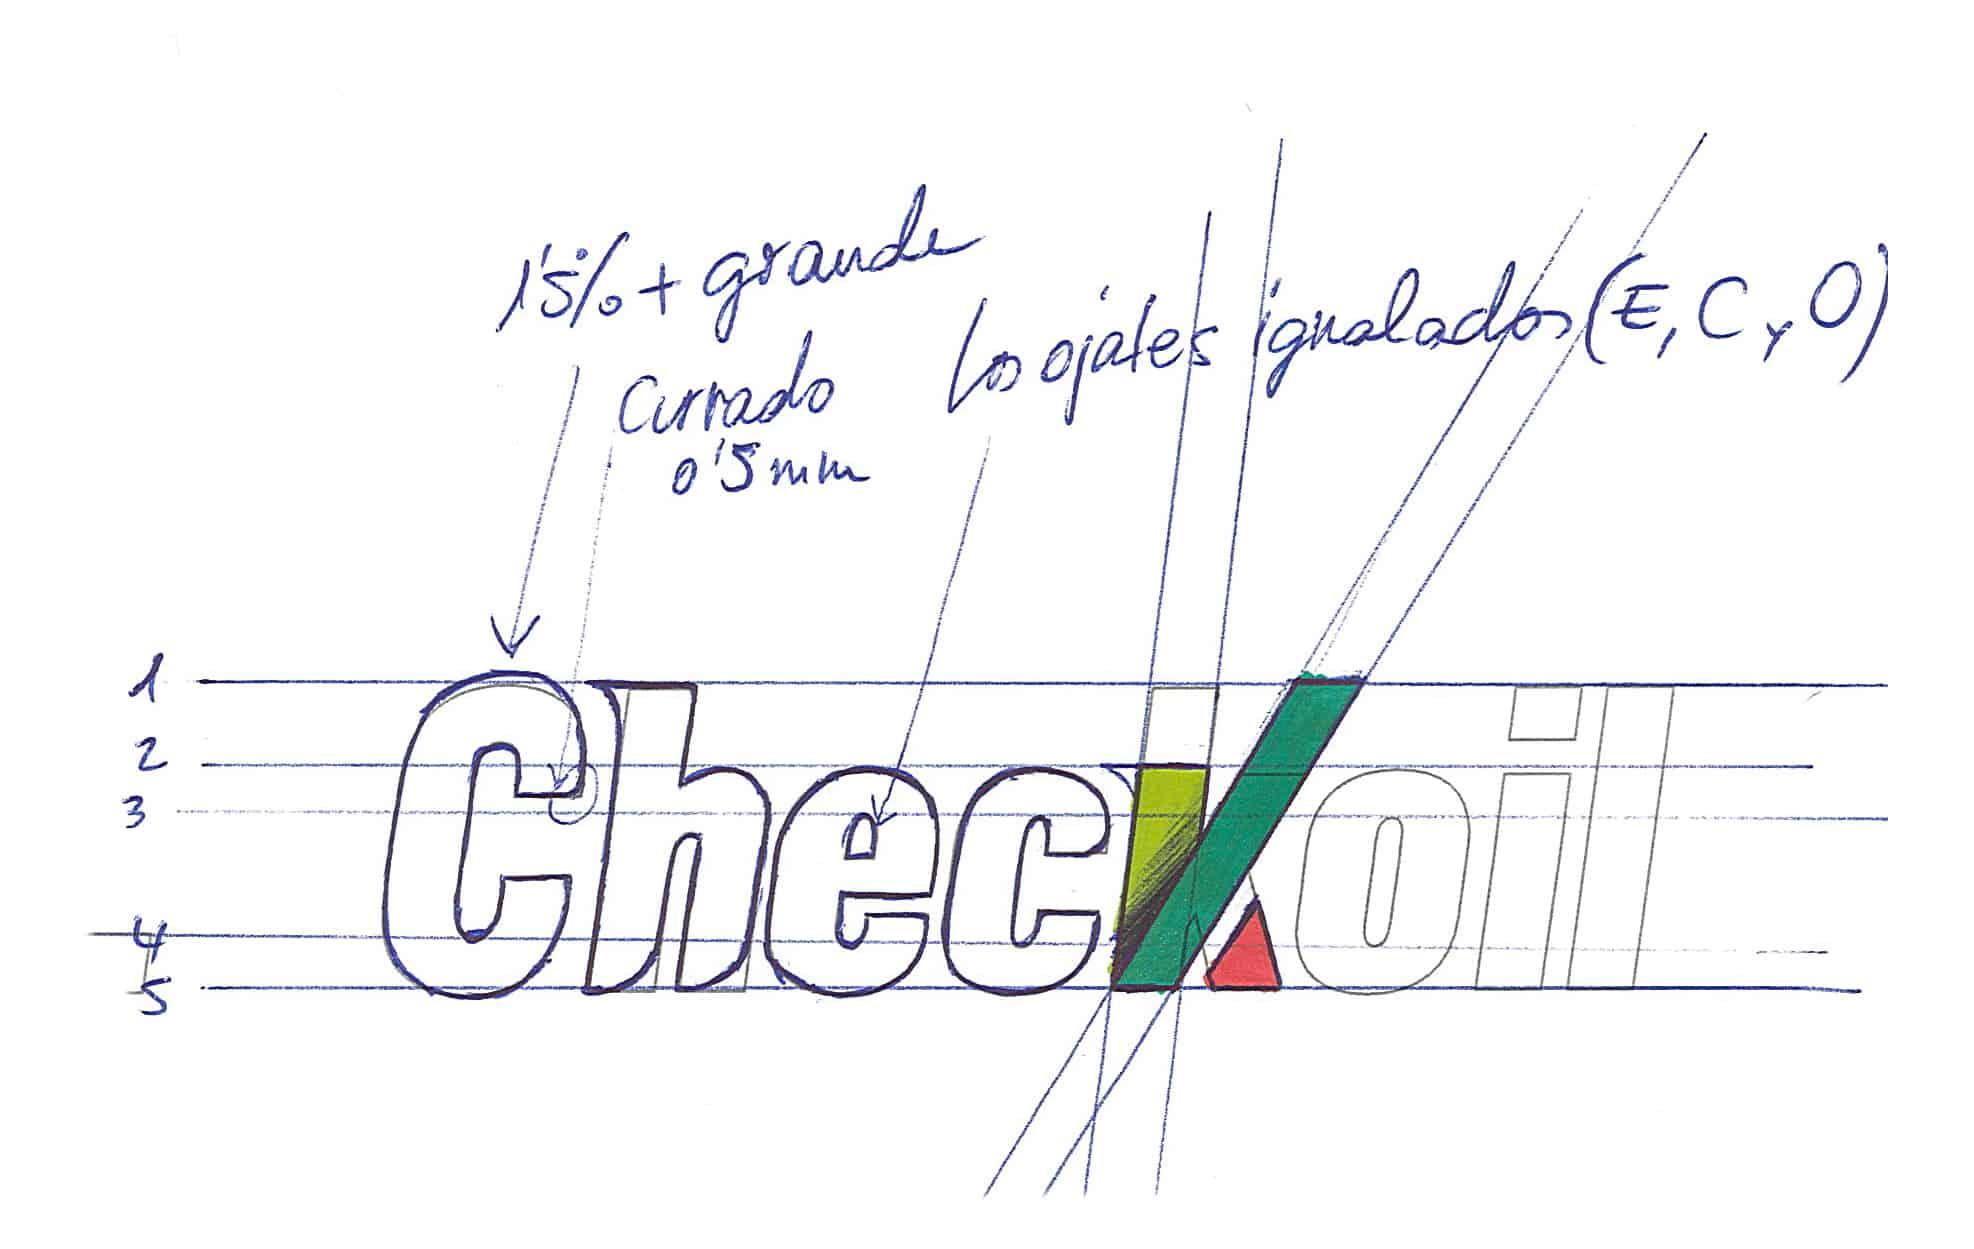 Checkoil | Identidad corporativa, Branding y Desarrollo Web 5